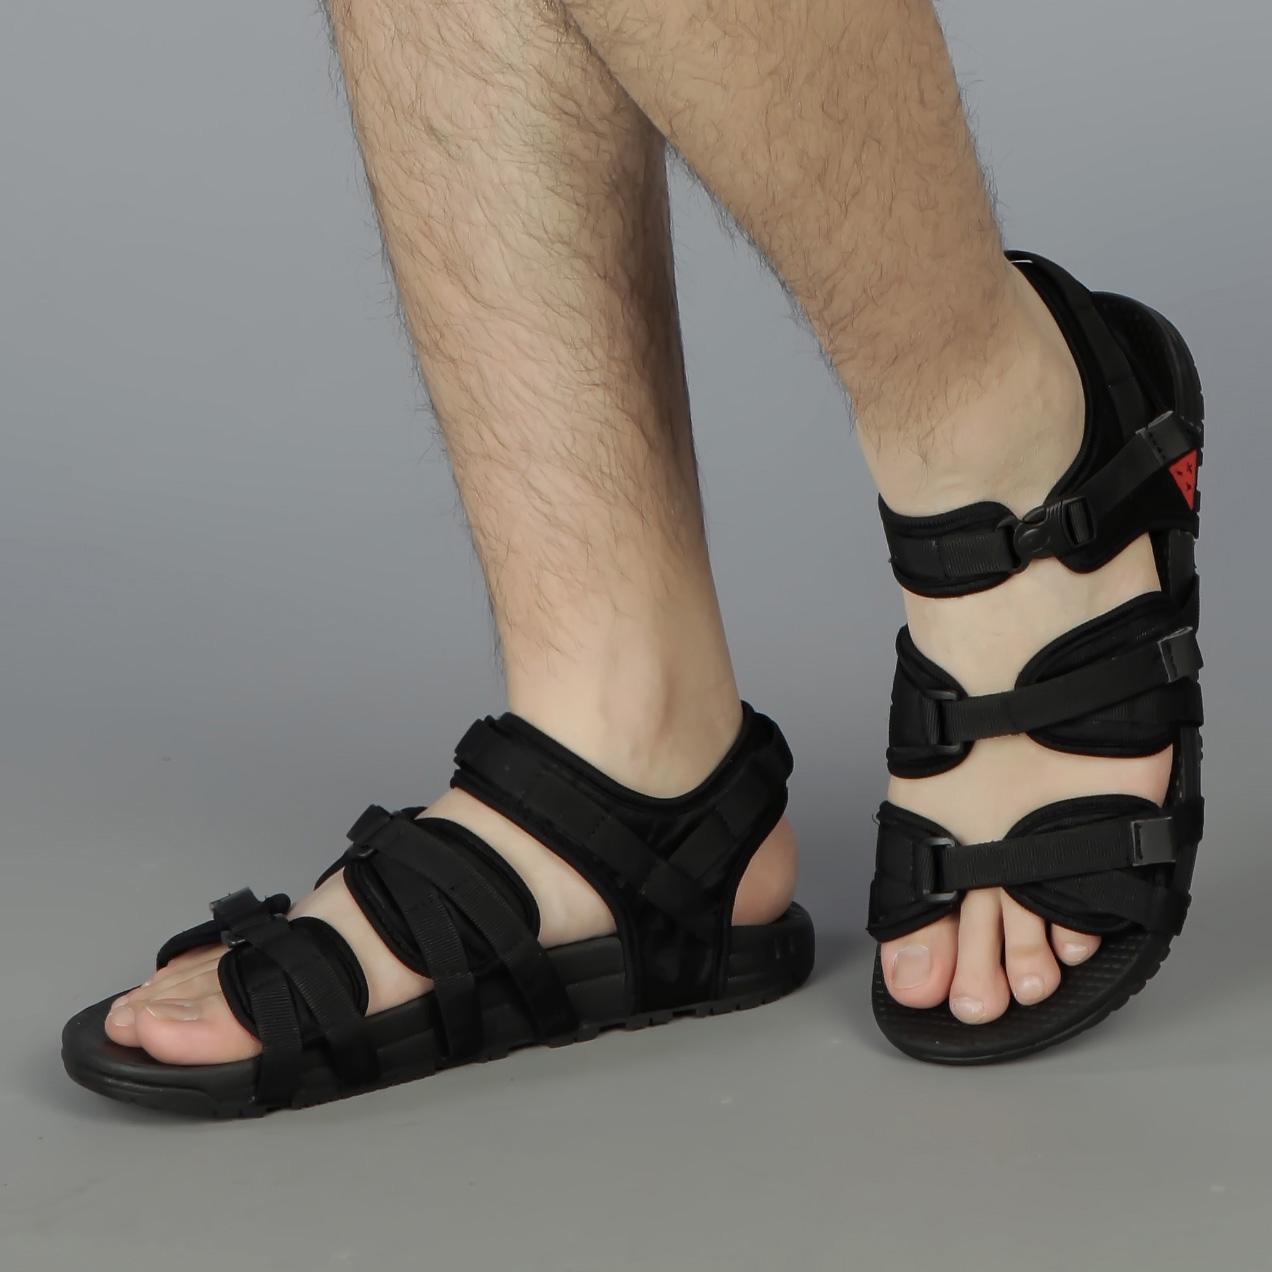 包邮2014正品越南橡胶男女情侣款运动凉鞋罗马凉鞋韩版男士沙滩鞋